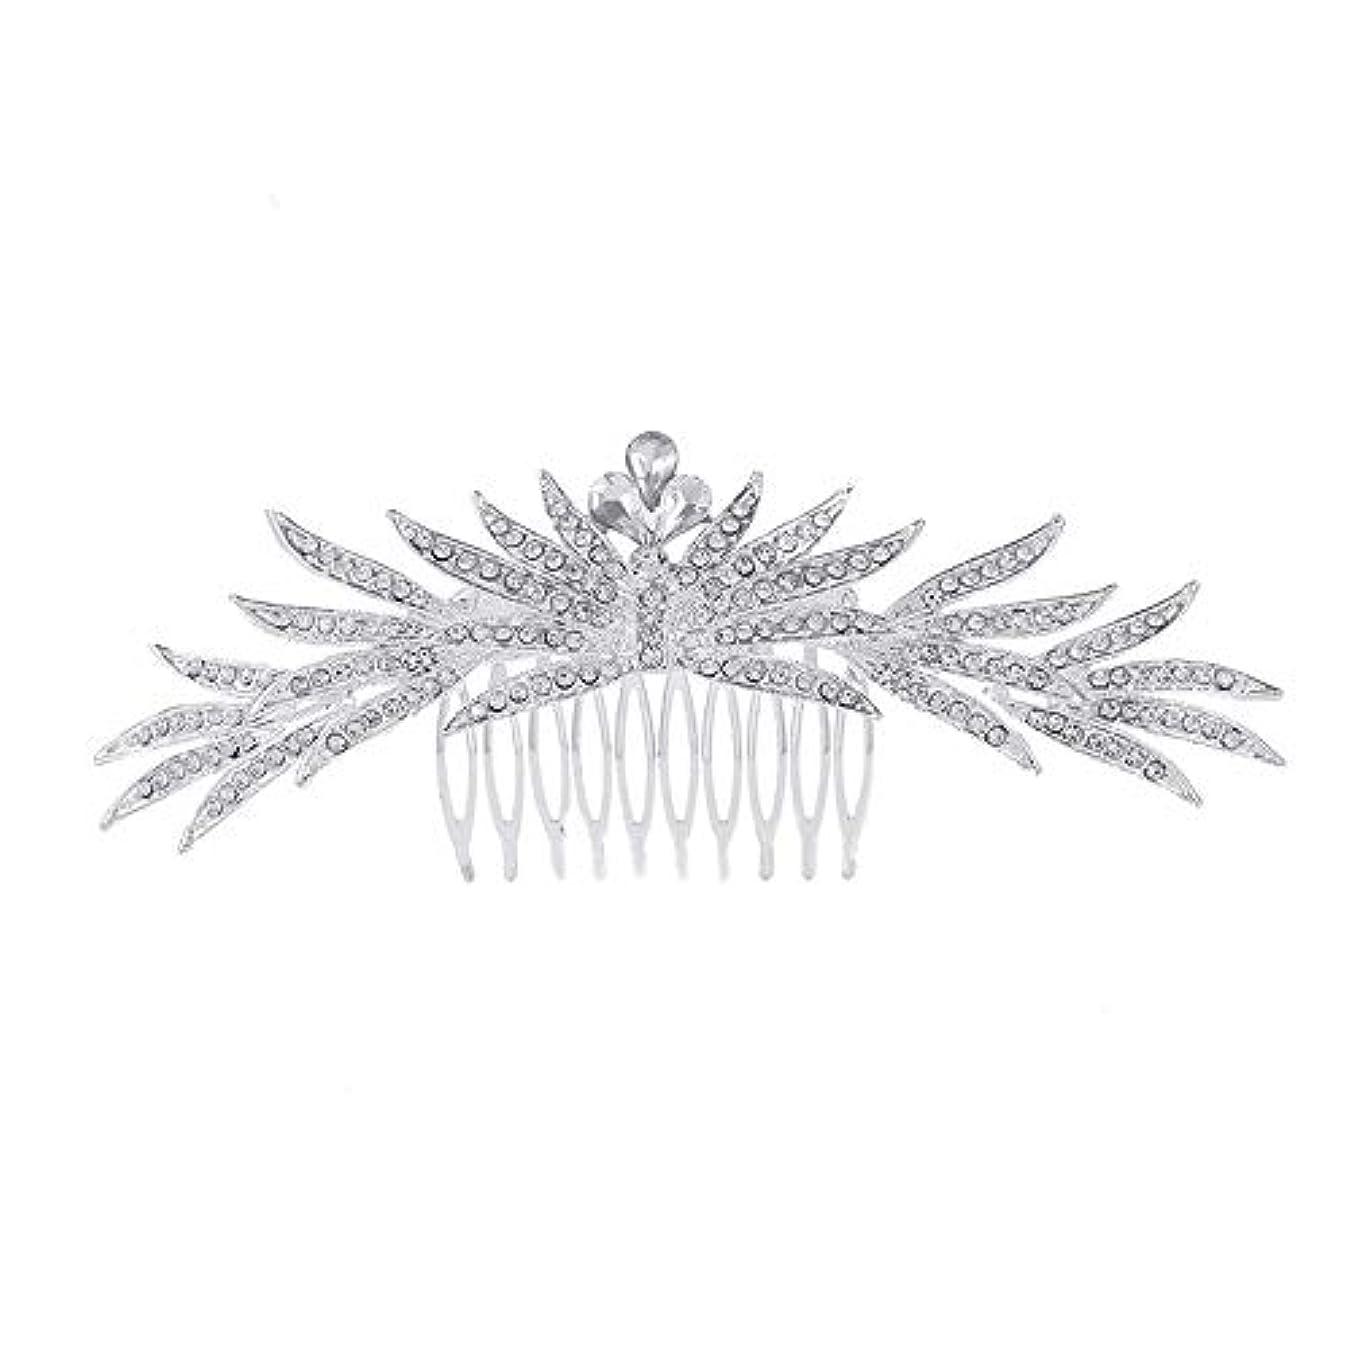 ミント腐敗した謙虚な髪の櫛の櫛の櫛花嫁の髪の櫛ラインストーンの櫛亜鉛合金ブライダルヘッドドレス結婚式のアクセサリー挿入櫛